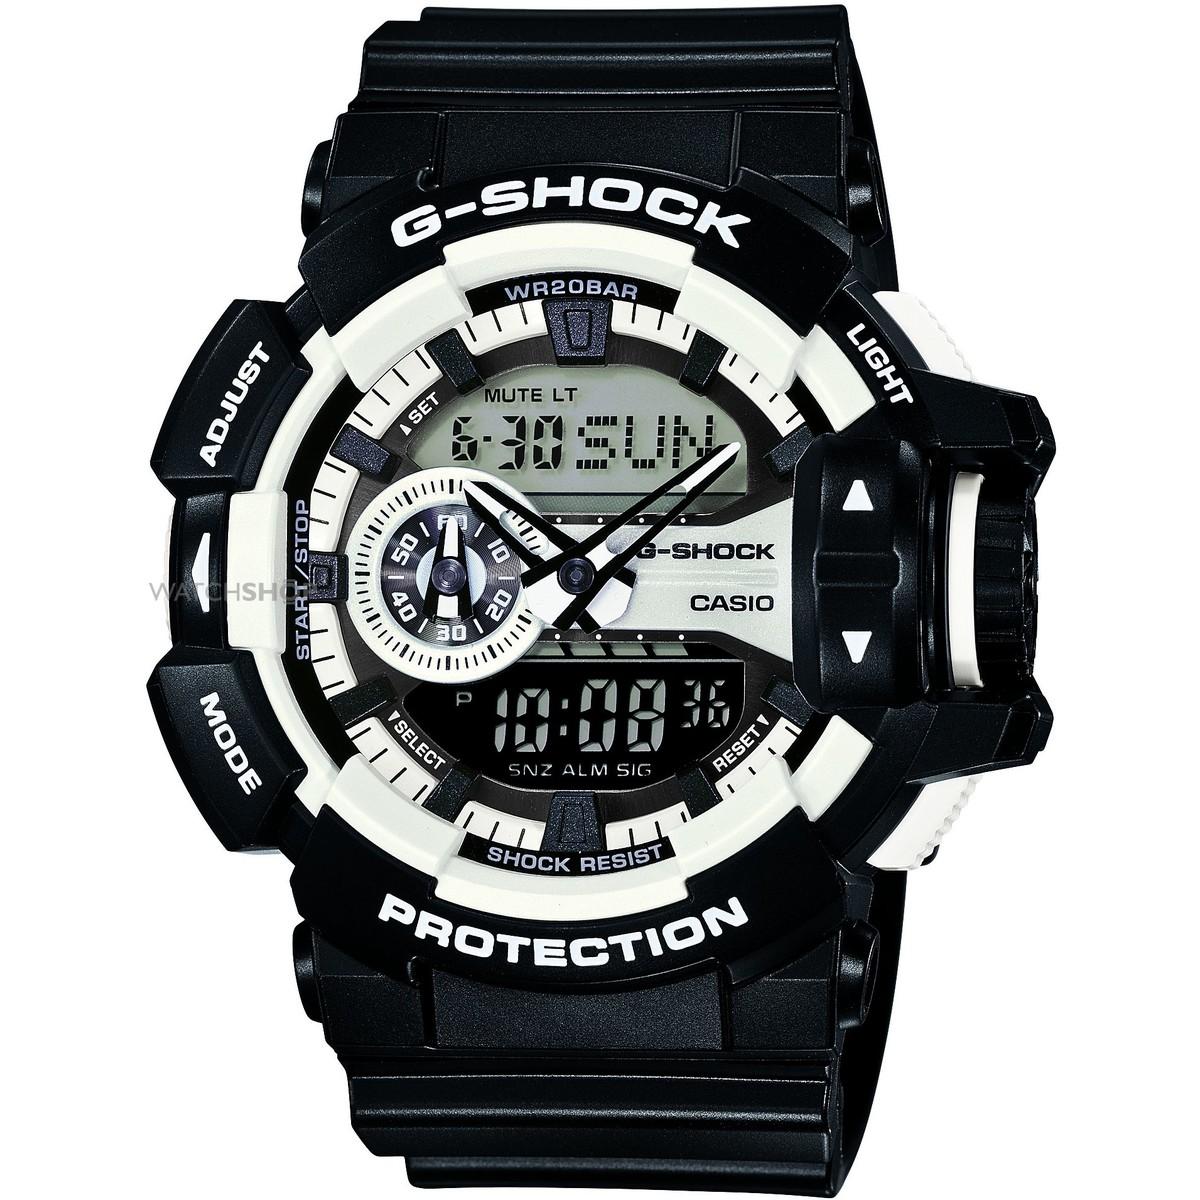 Ceas barbatesc Casio G-Shock GA-400-1AER original de mana